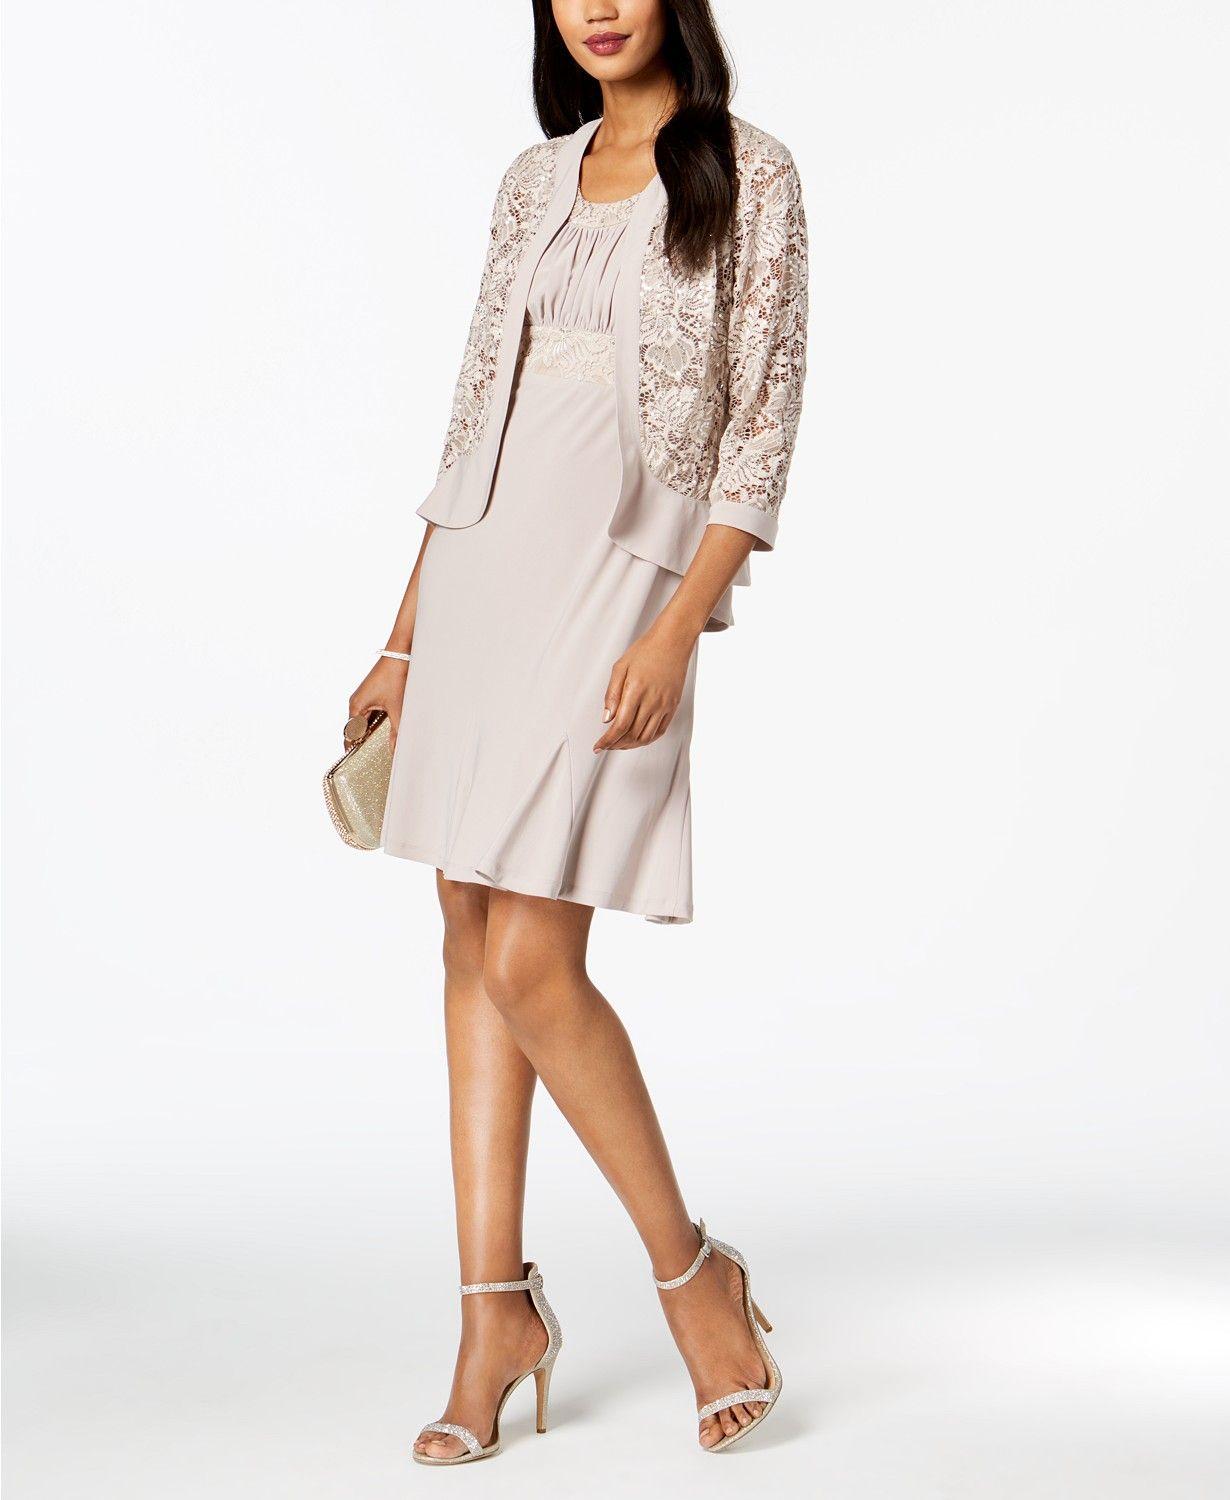 Lace dress macys  R u M Richards Dress u Sequined Lace Jacket  macys  GMA